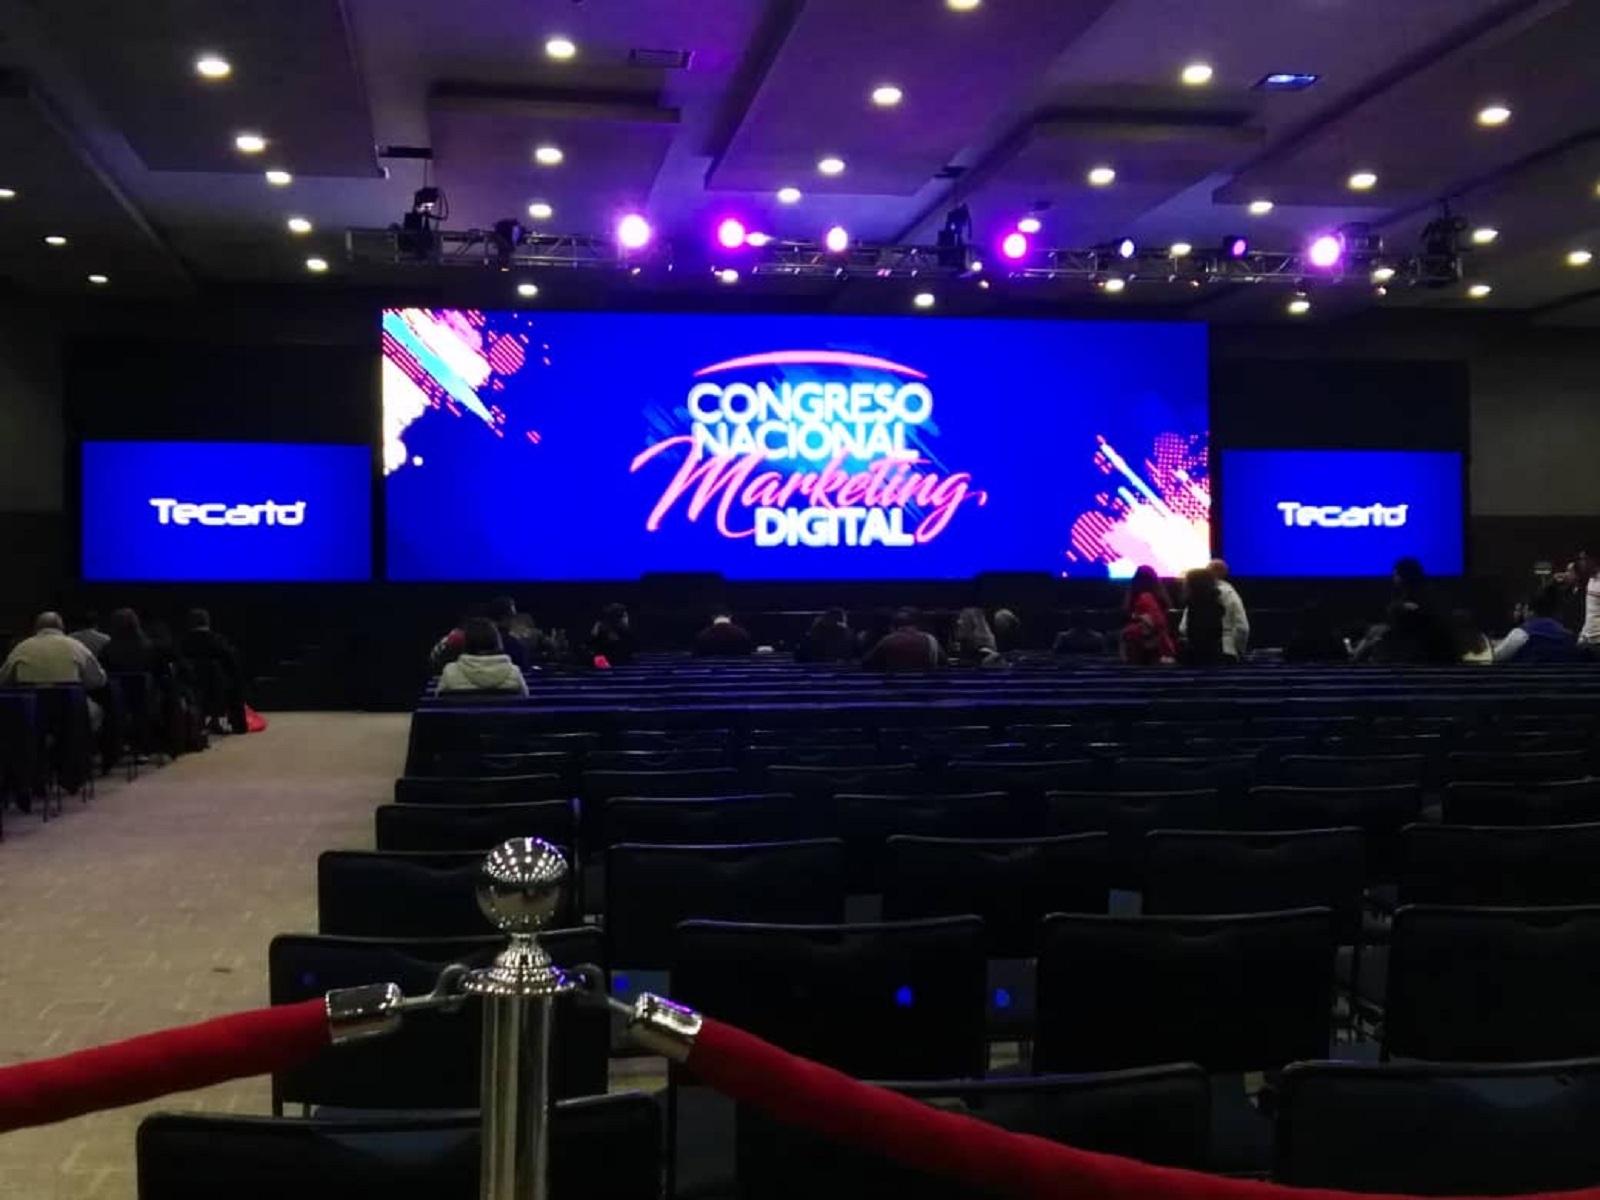 Congreso Nacional de Marketing Digital